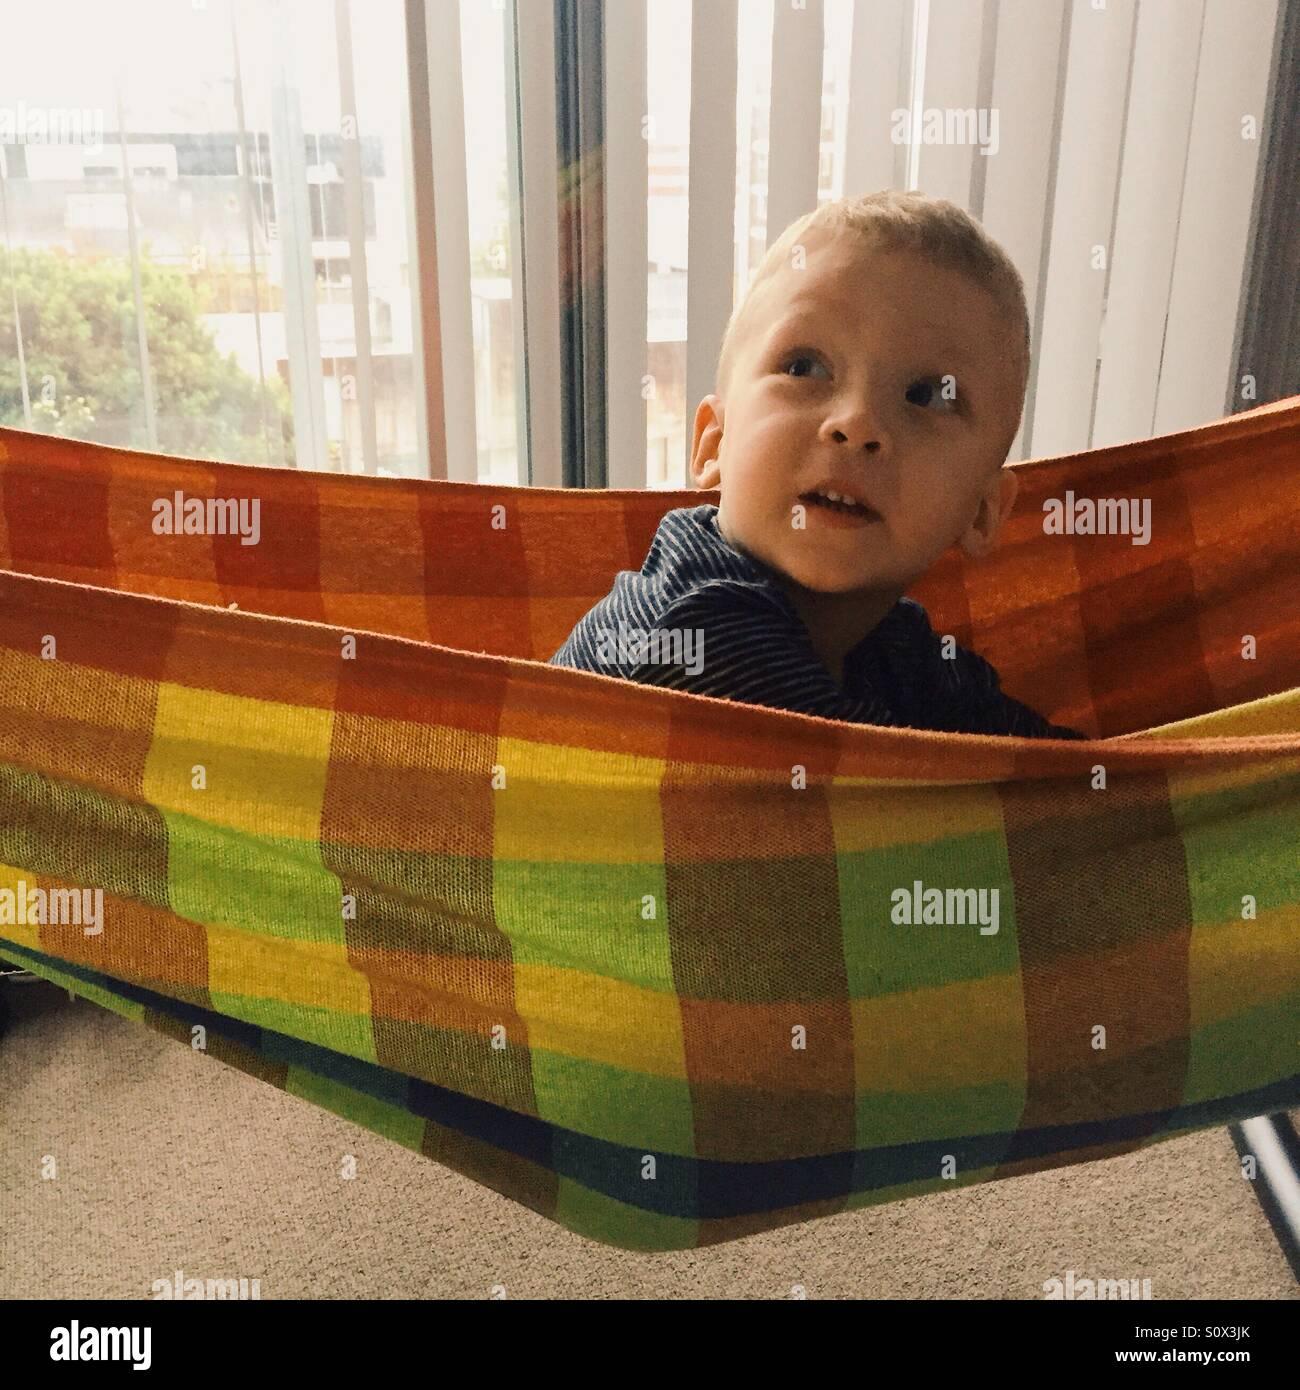 Little boy in hammock - Stock Image